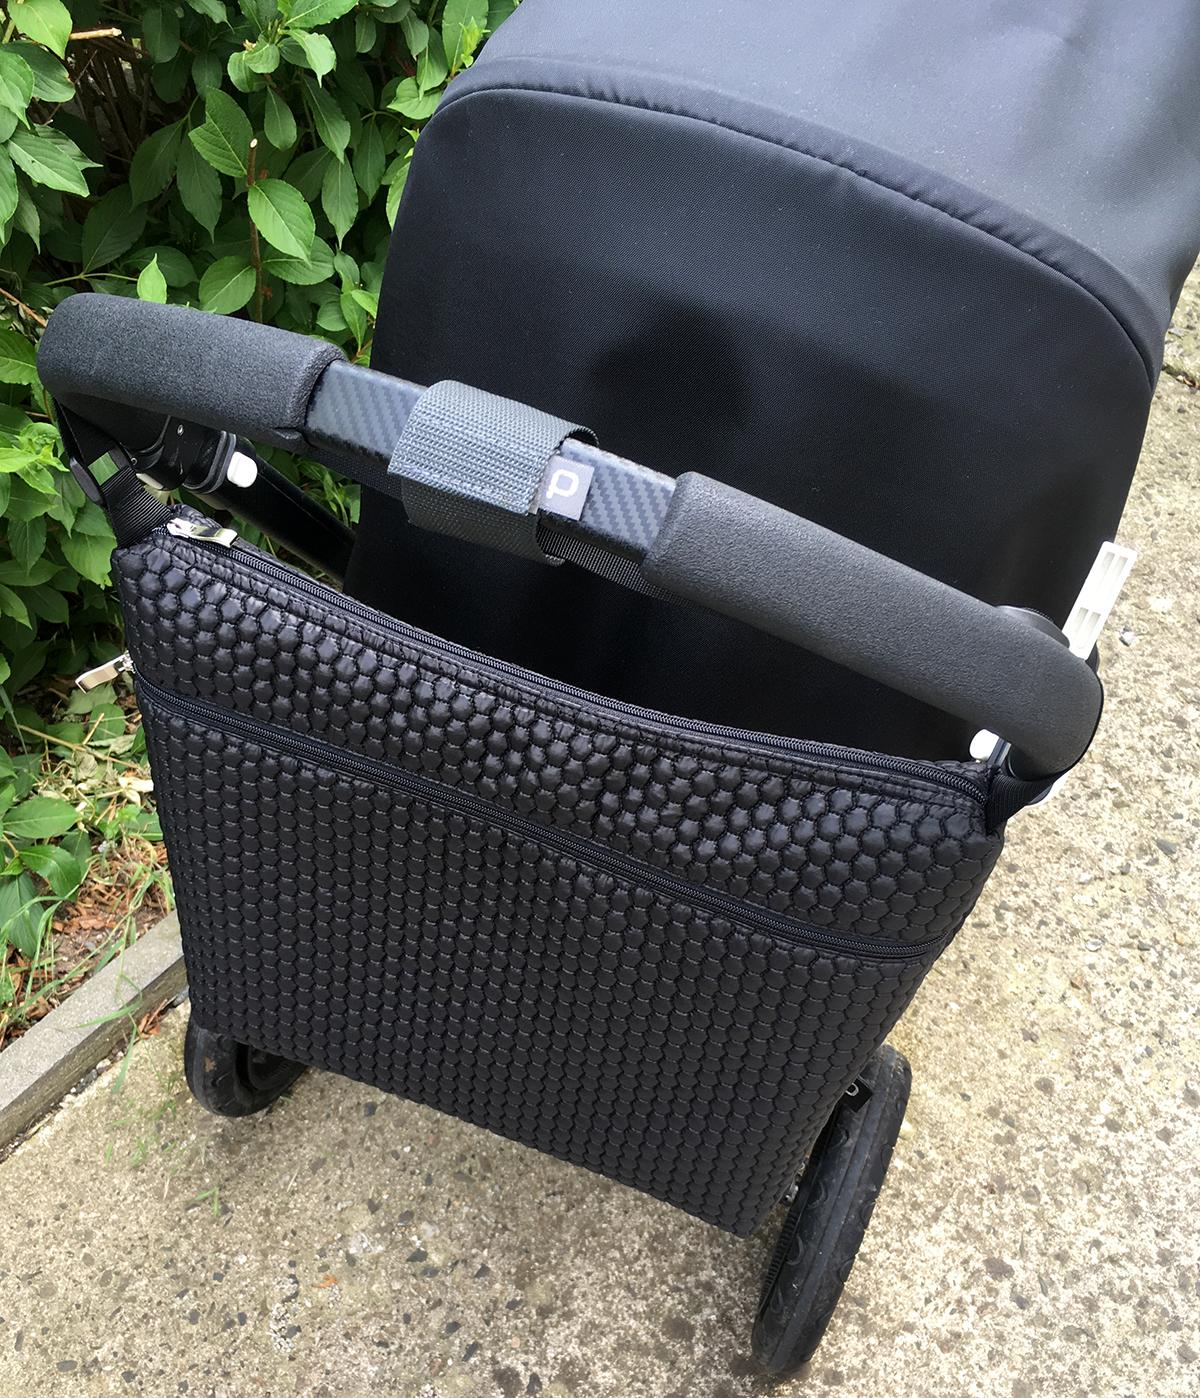 kliknutít zobrazíte maximální velikost obrázku Fixační proužek pro uchycení tašky